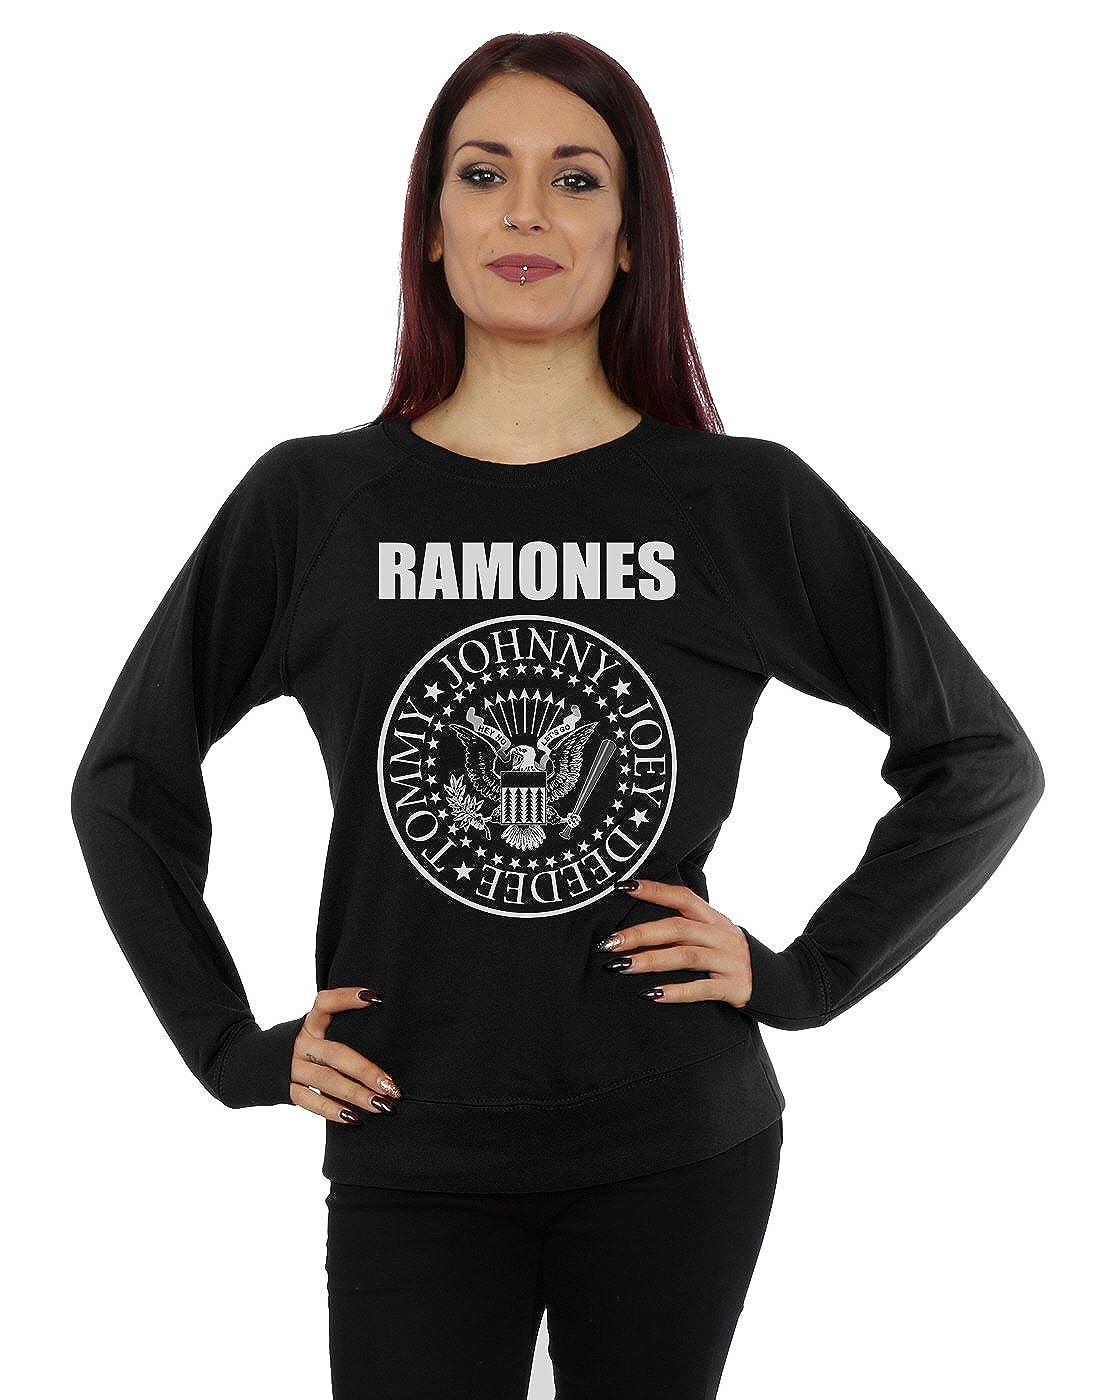 Ramones mujer Presidential Seal Camisa de entrenamiento